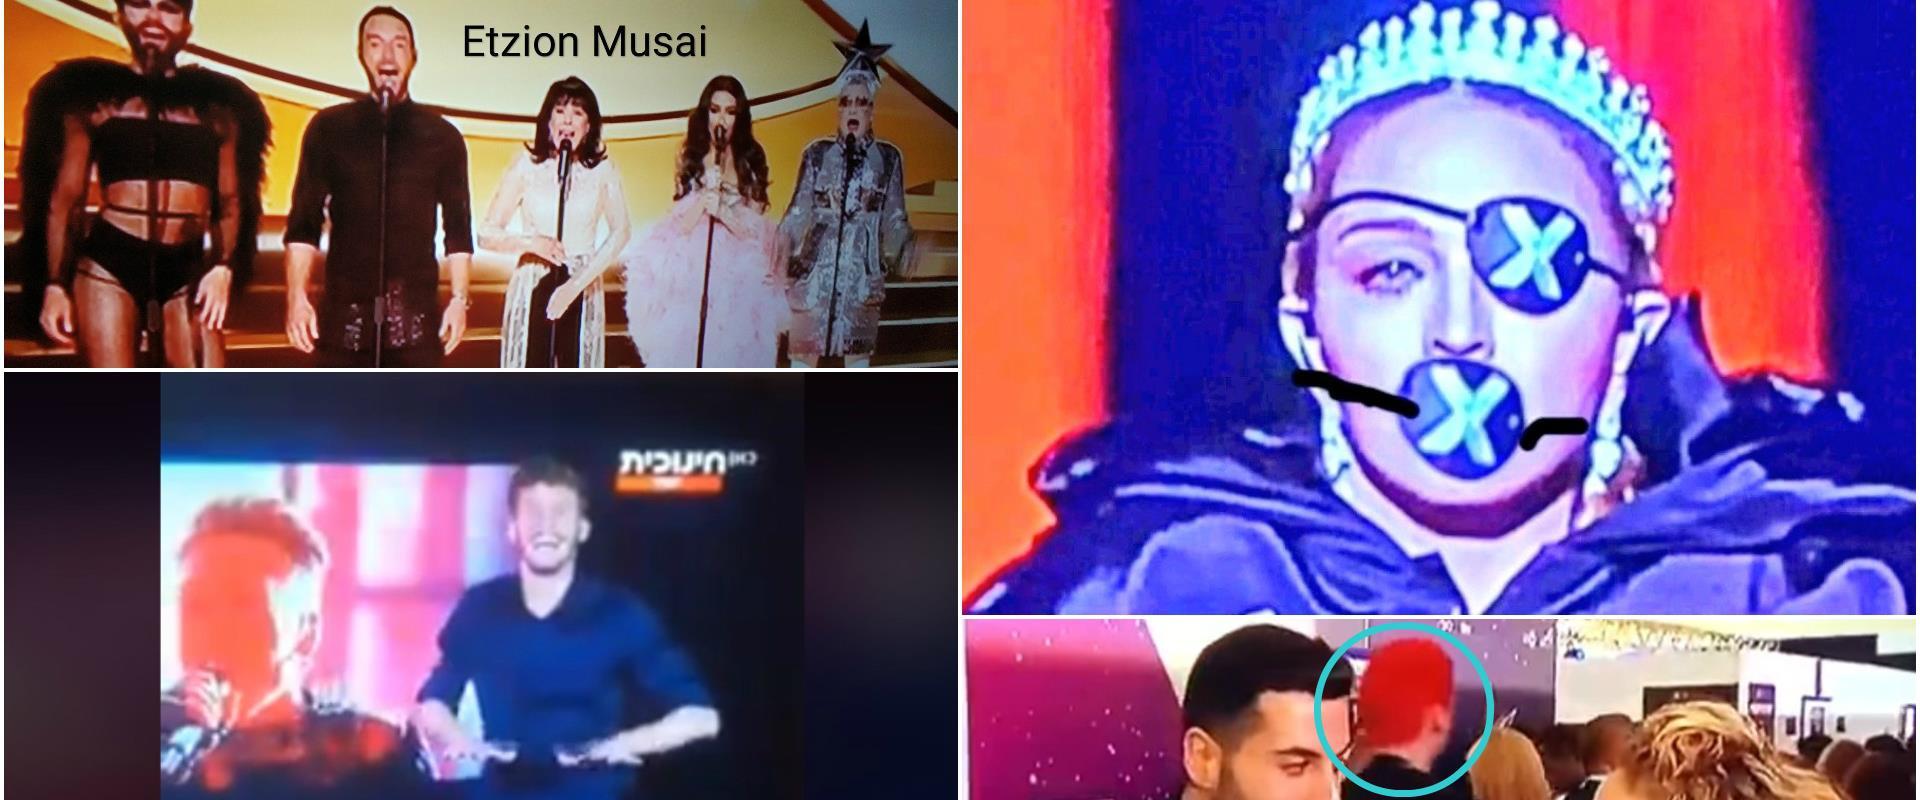 הרשת צוחקת על האירועים המוזרים באירוויזיון